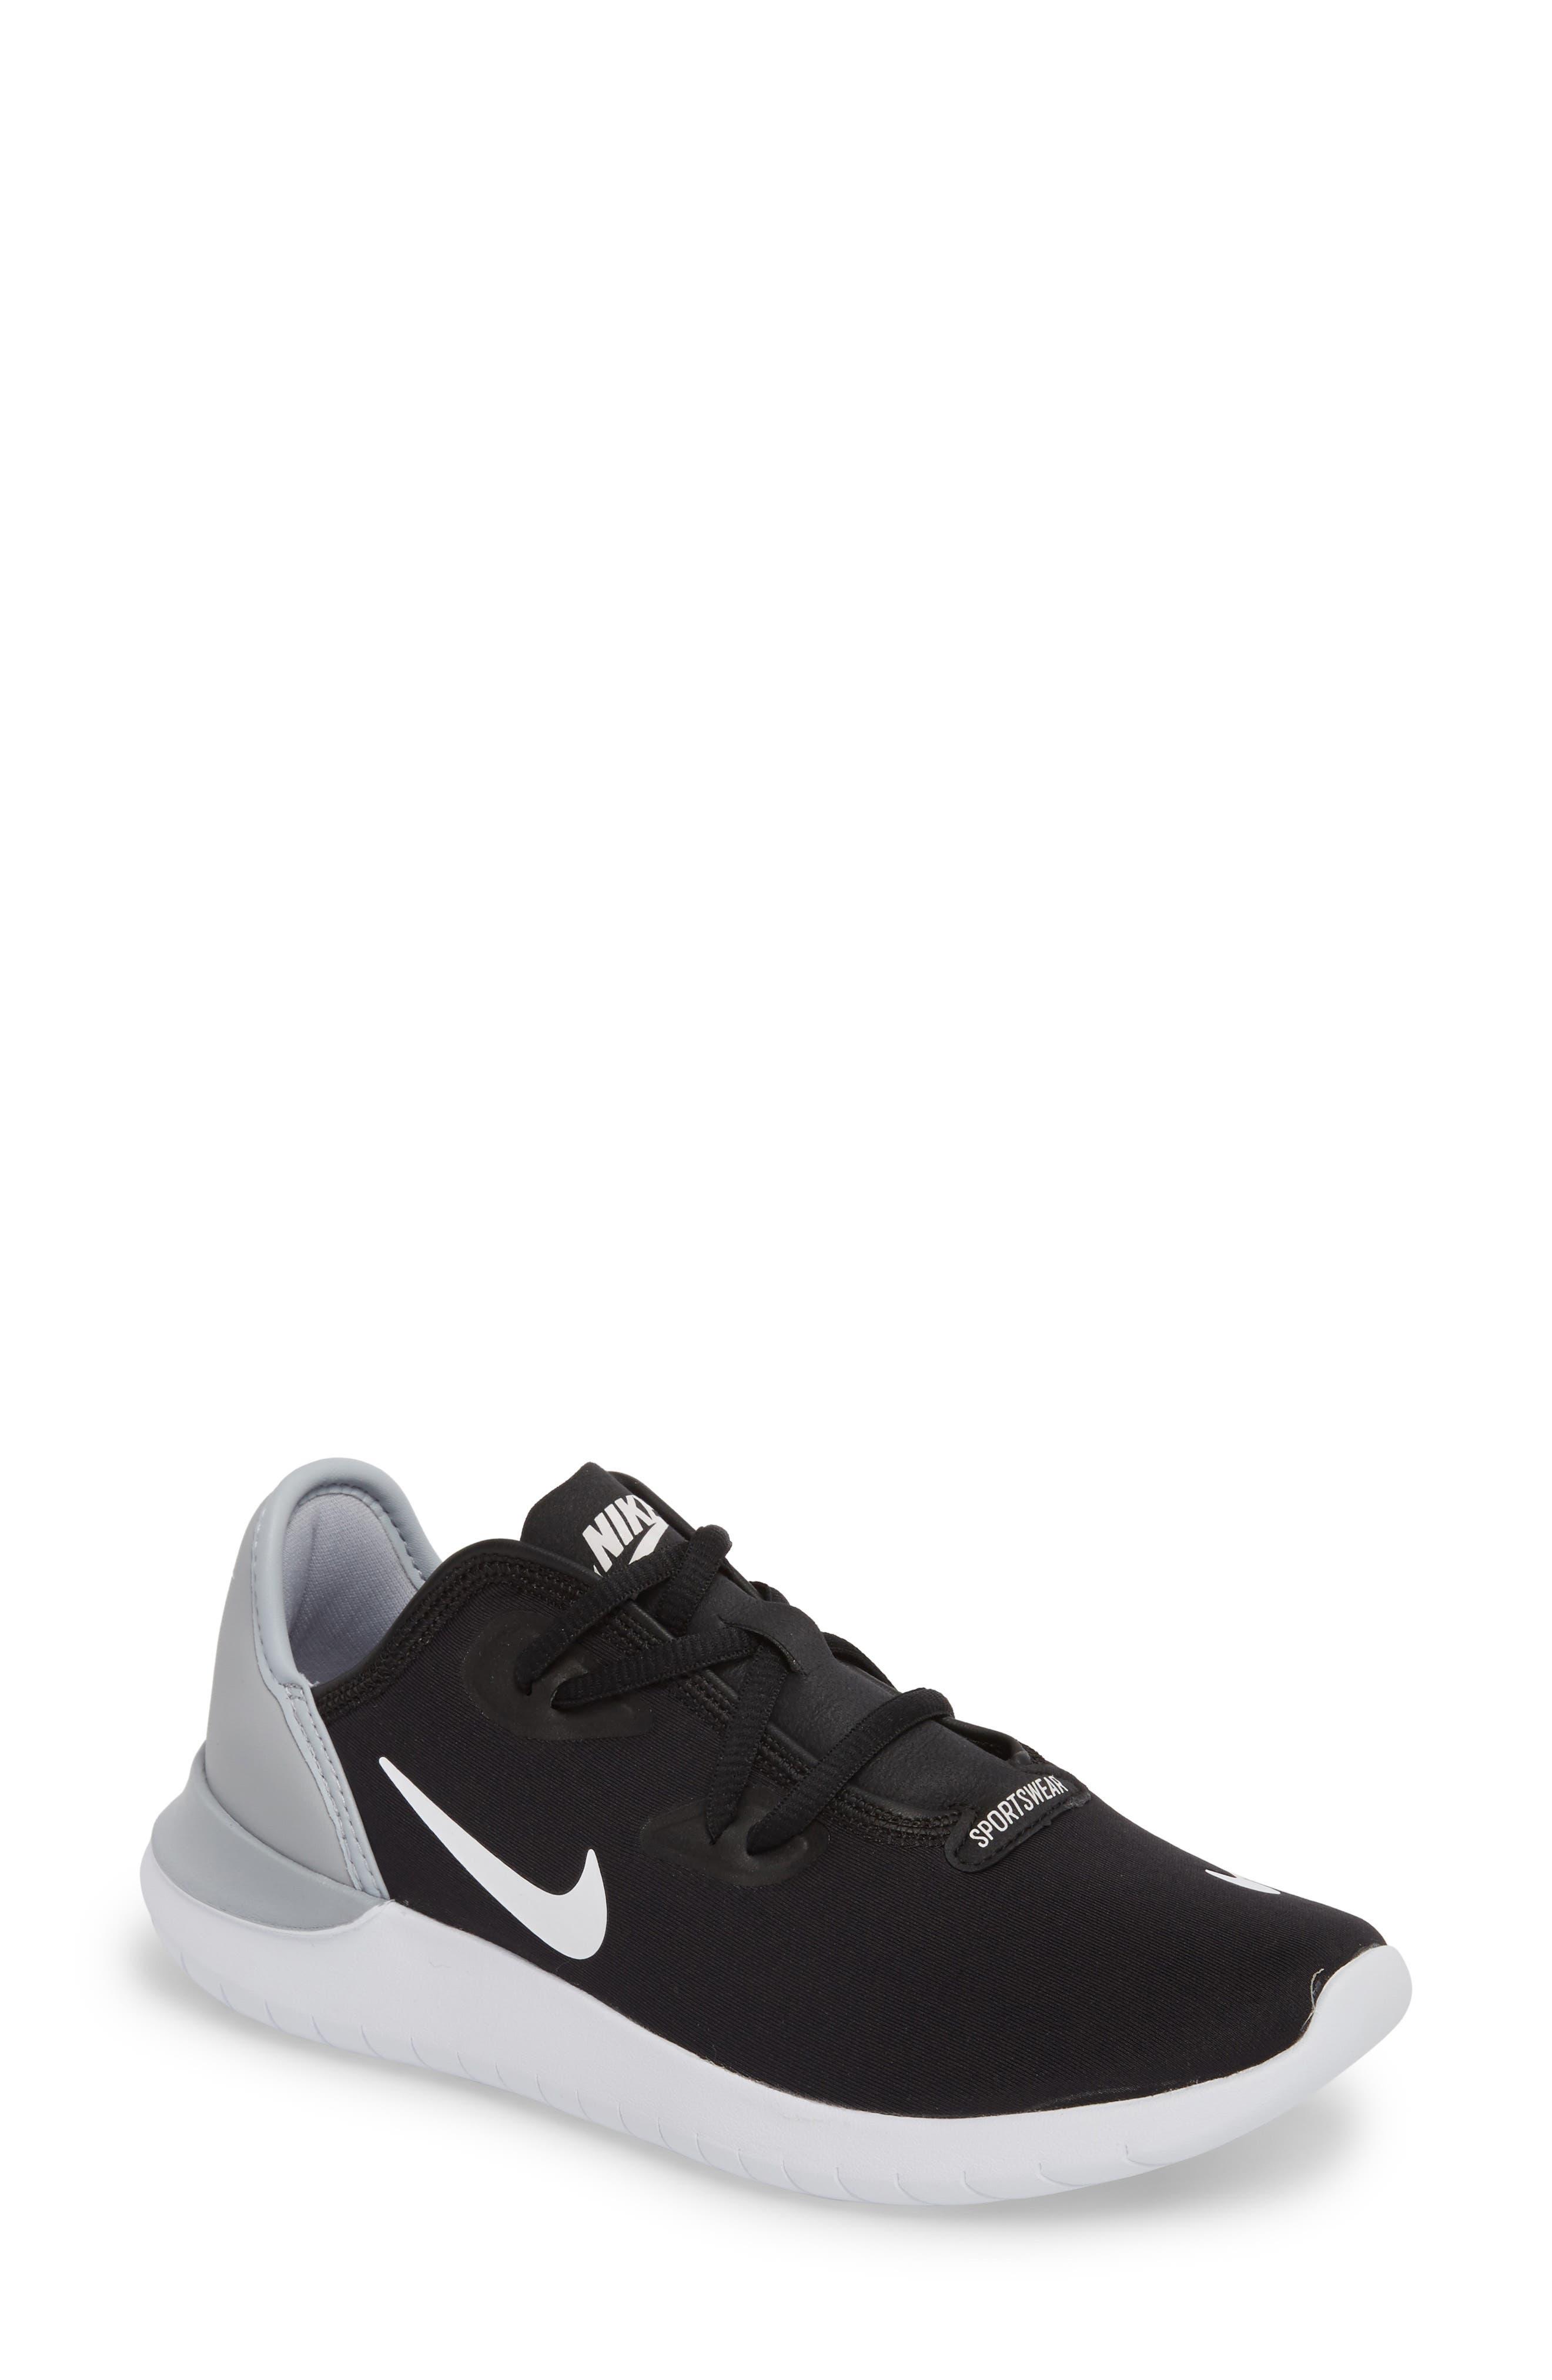 Hakata Sneaker,                             Main thumbnail 1, color,                             BLACK/ WHITE